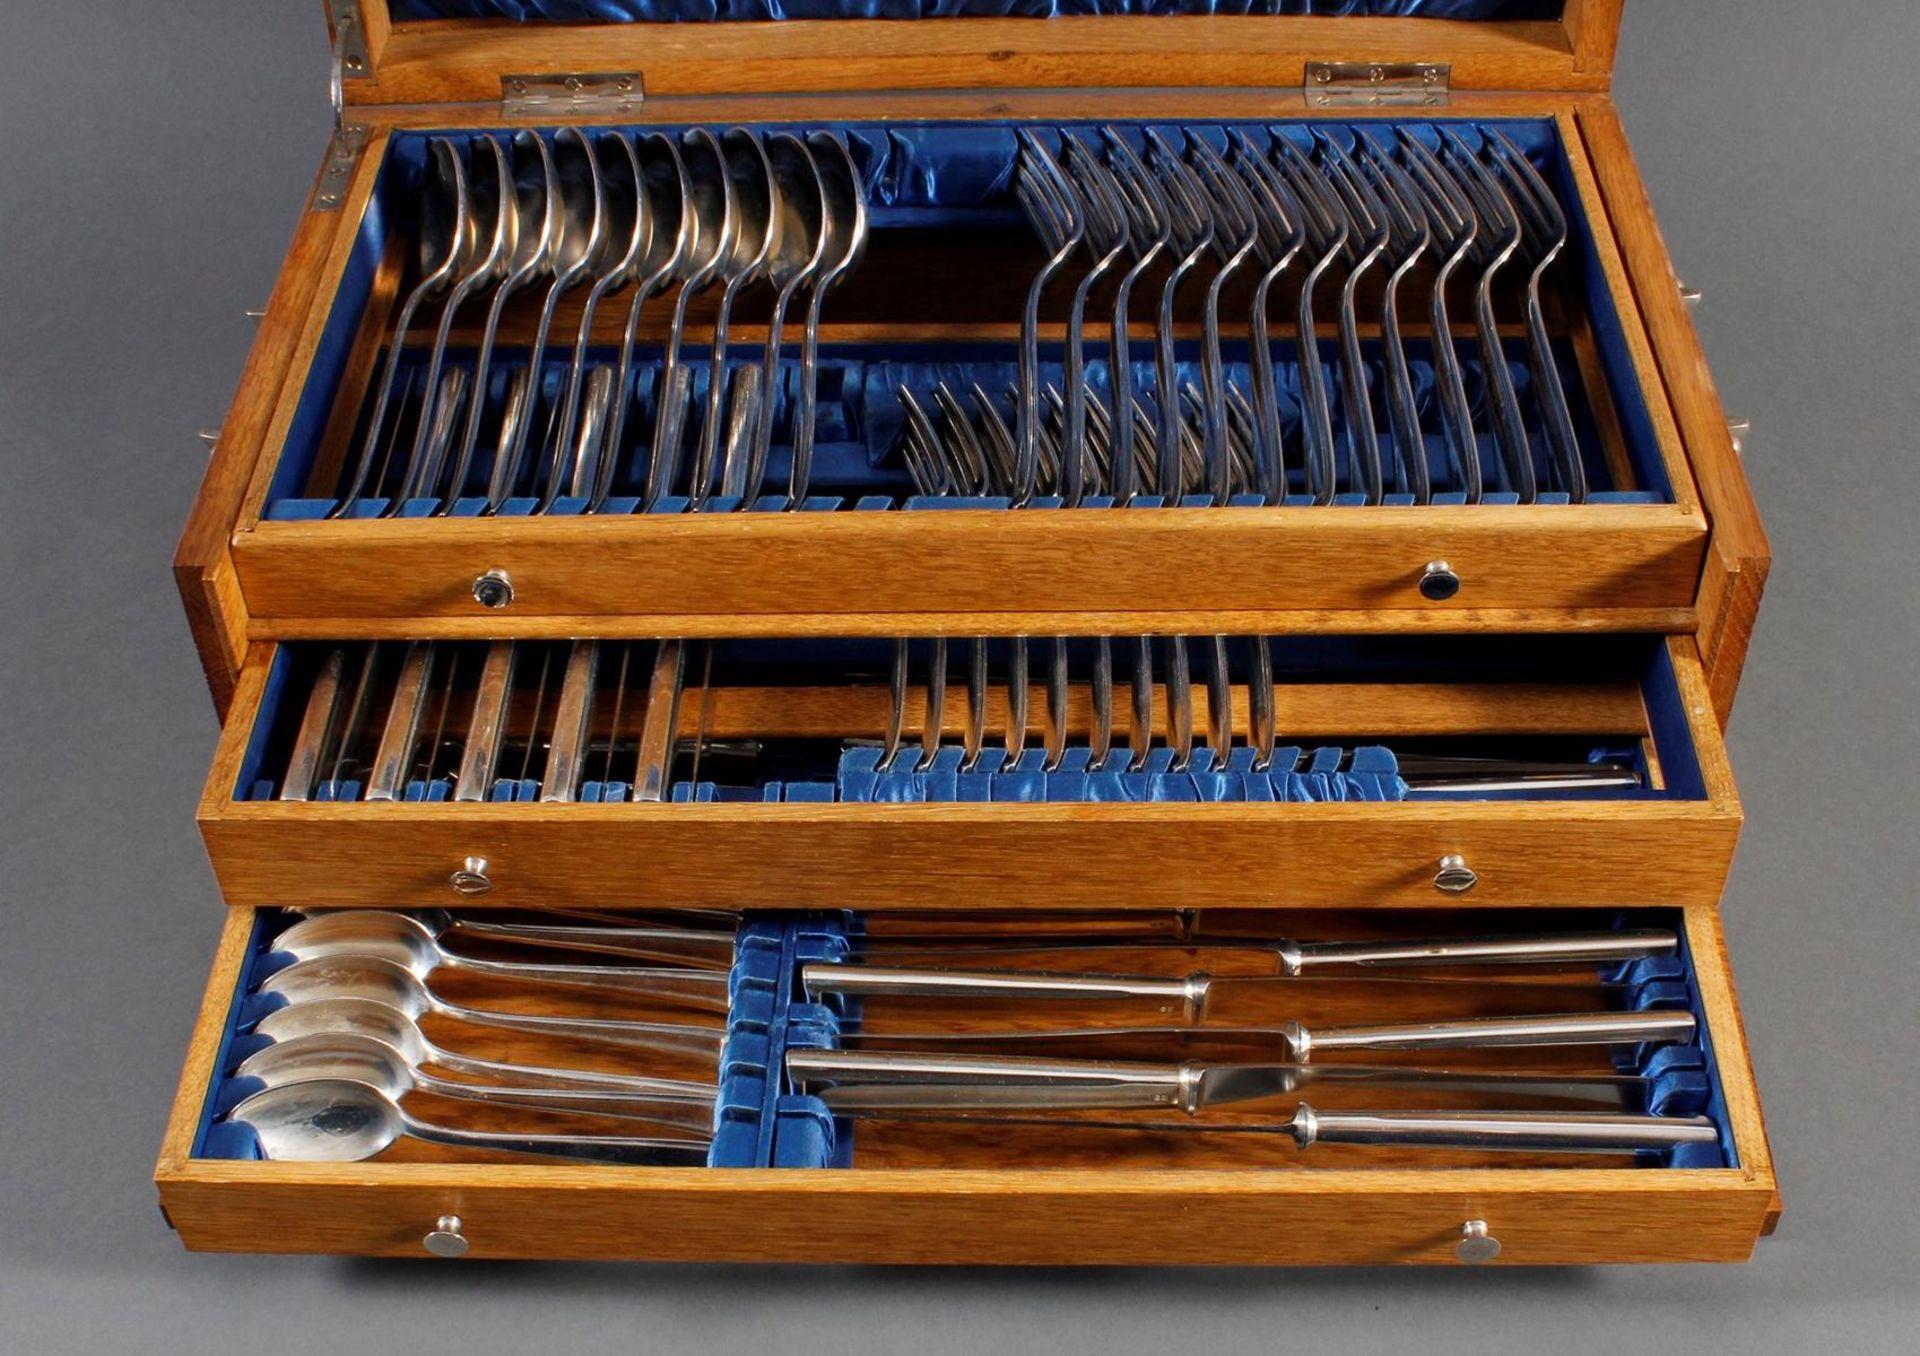 Bruckmann Essbesteck für 12 Personen im Besteckkasten, 90er Auflage - Bild 2 aus 8